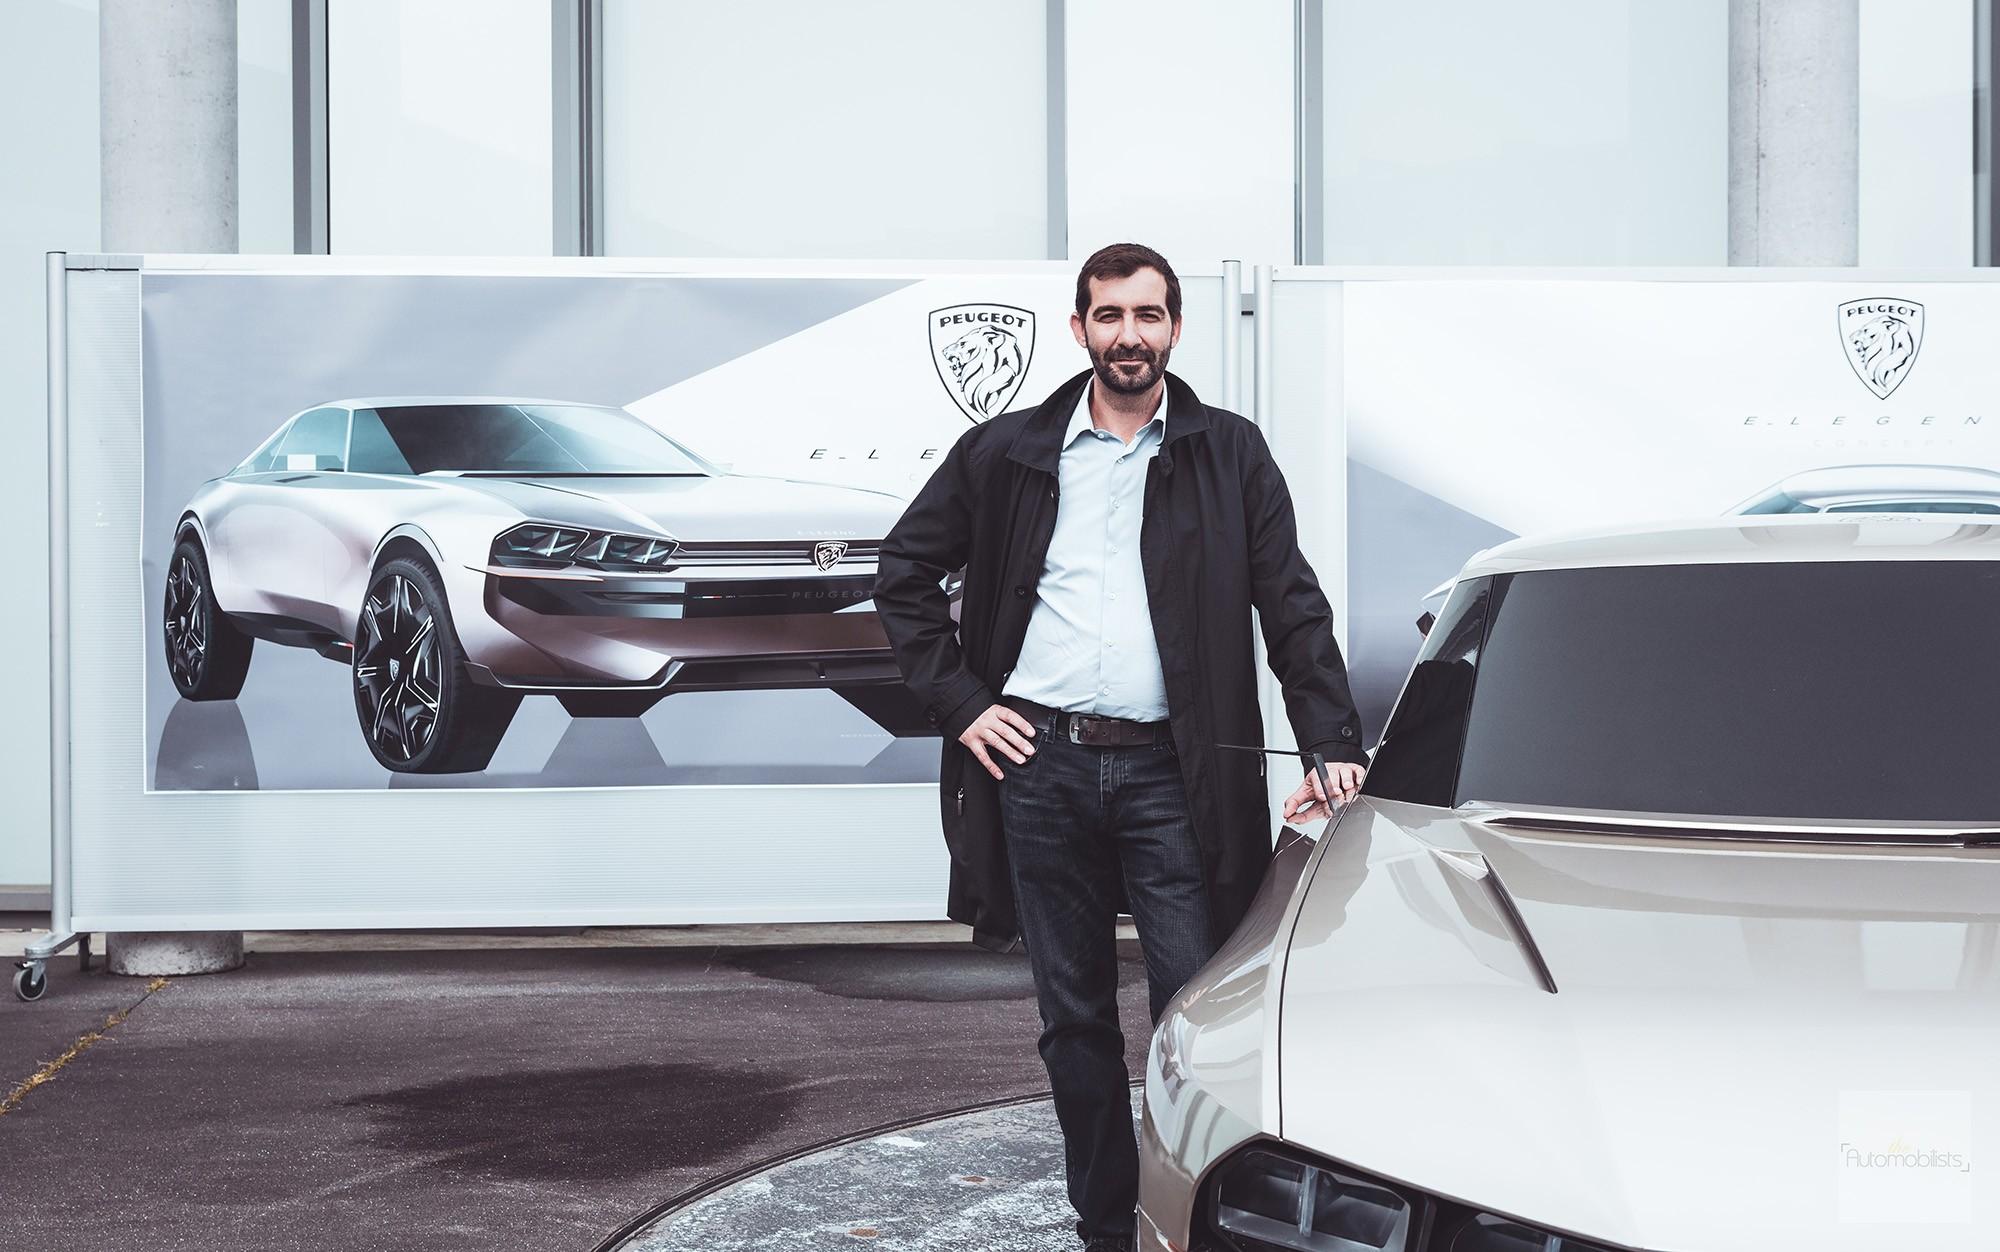 Peugeot P18 Paris Motor Show 2018 E Legend Concept Car Reponsable projet